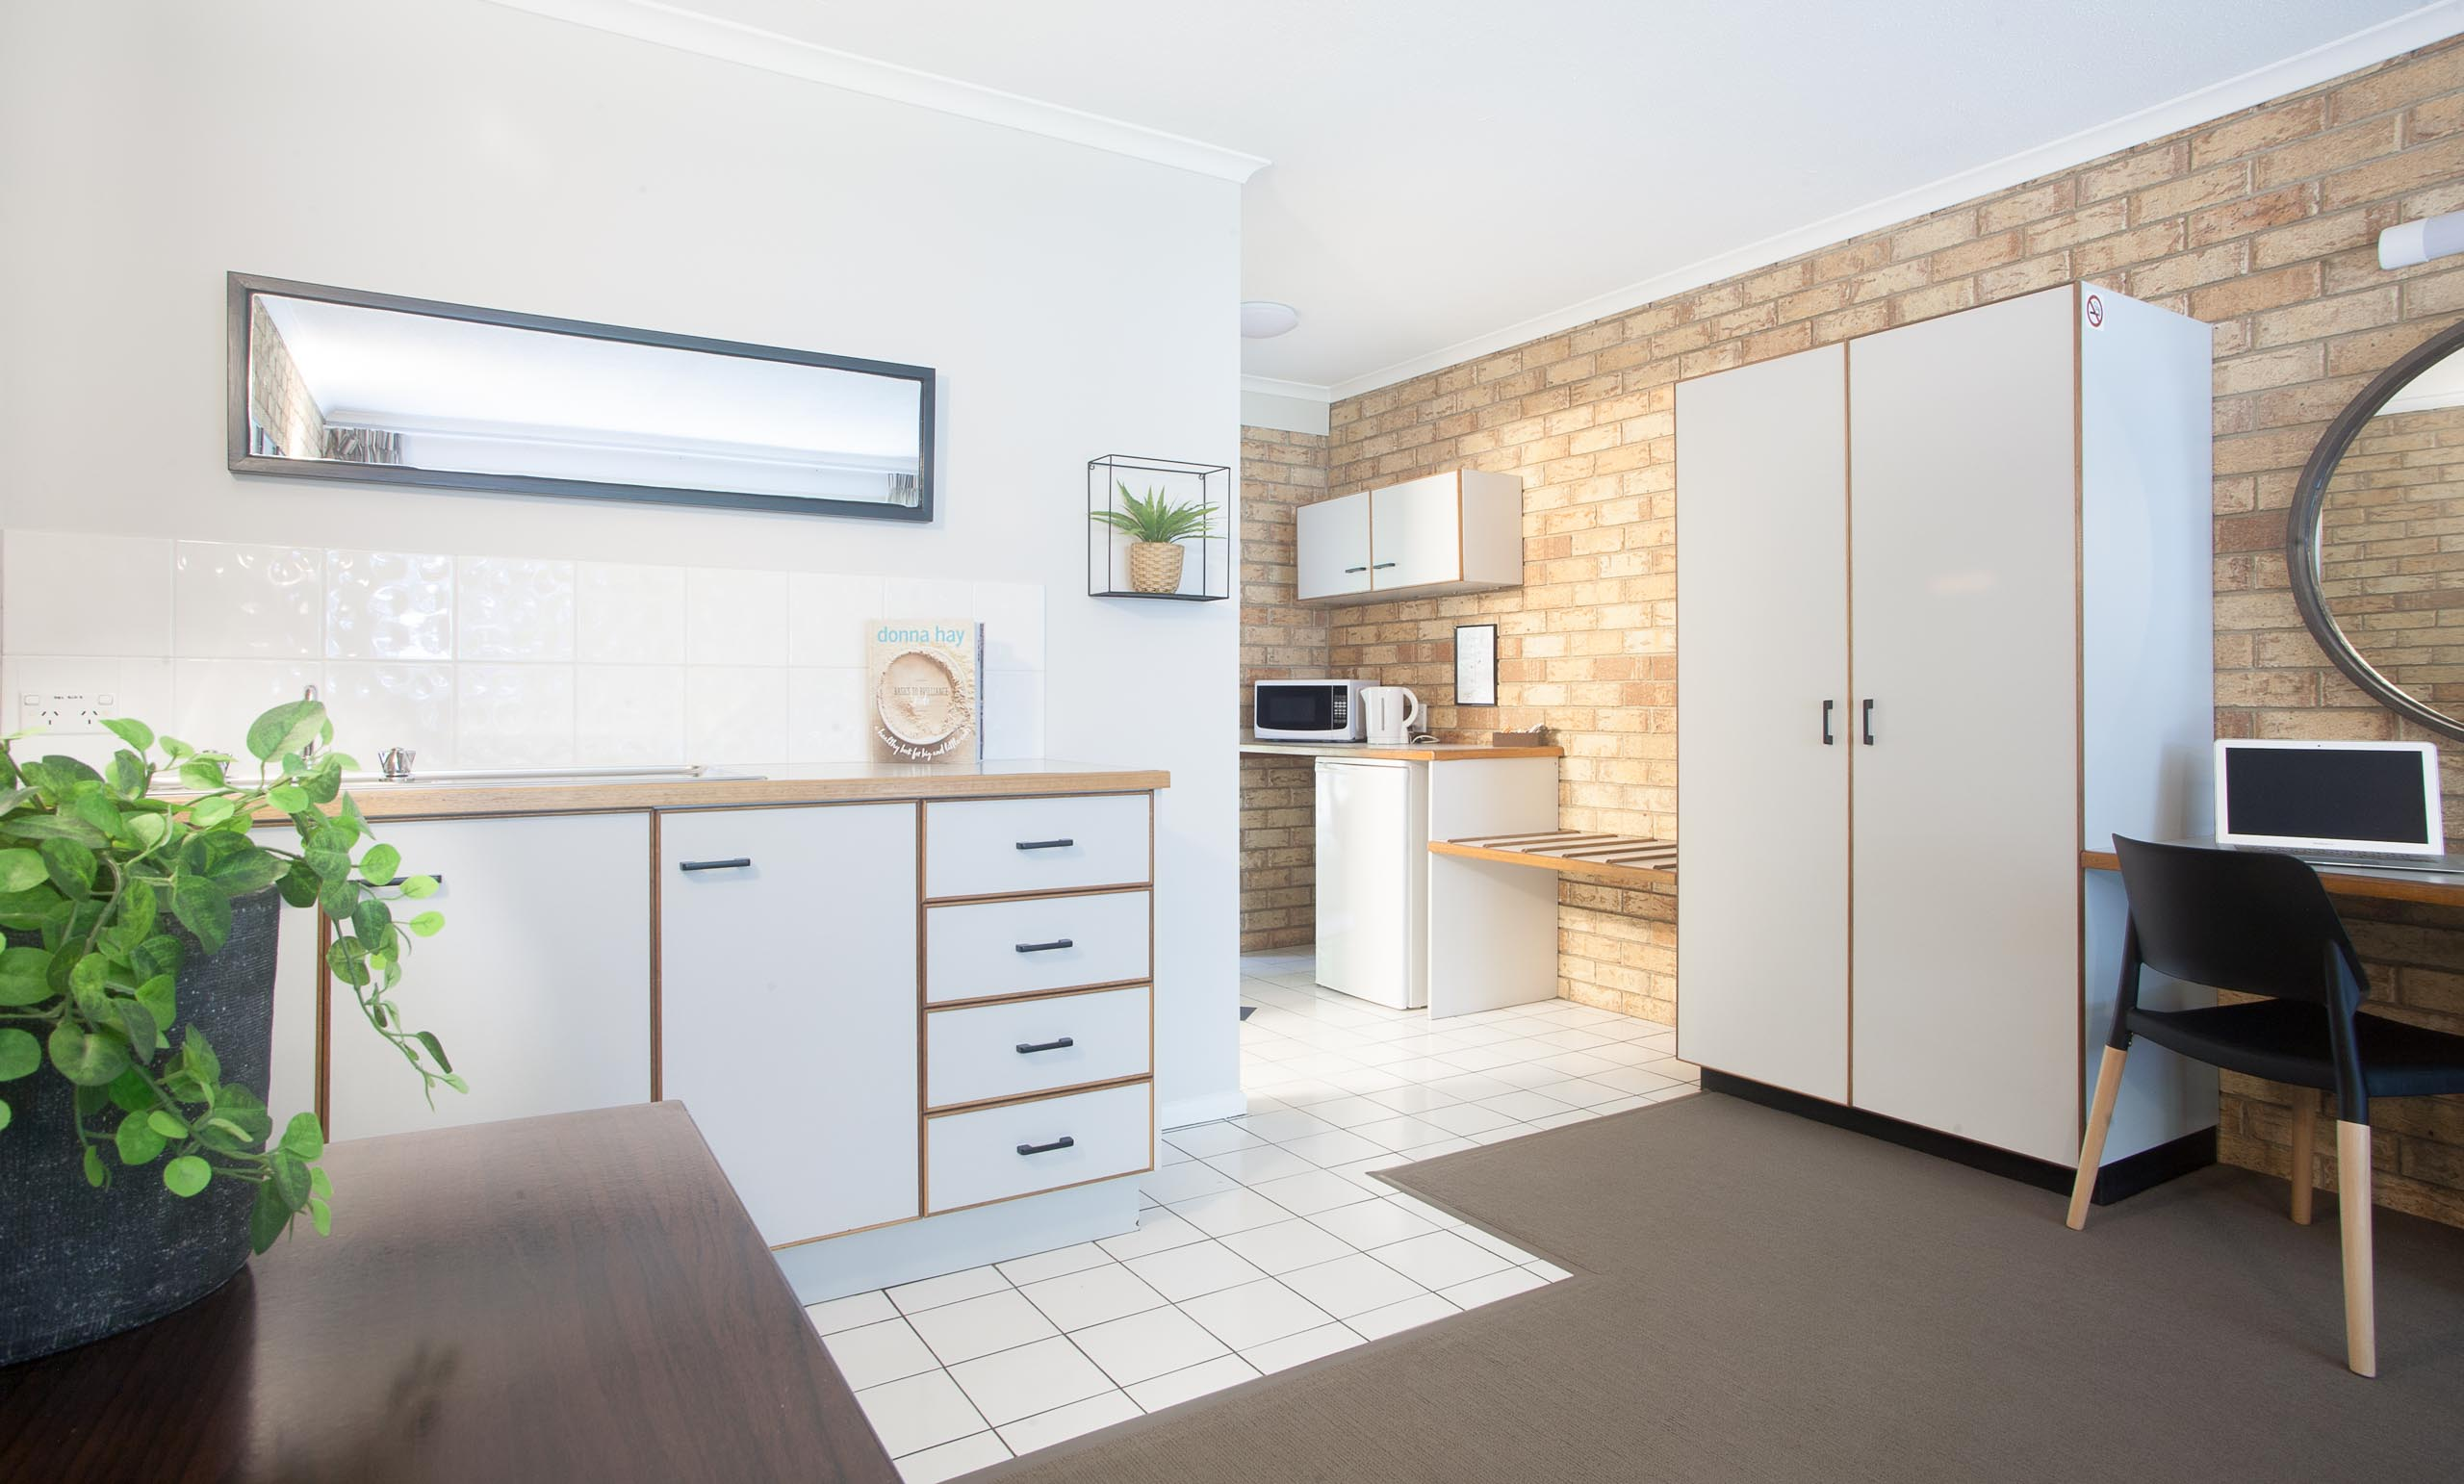 Sunshine Coast Motor Lodge Accommodation Premium Kitchenette Unit with Patio